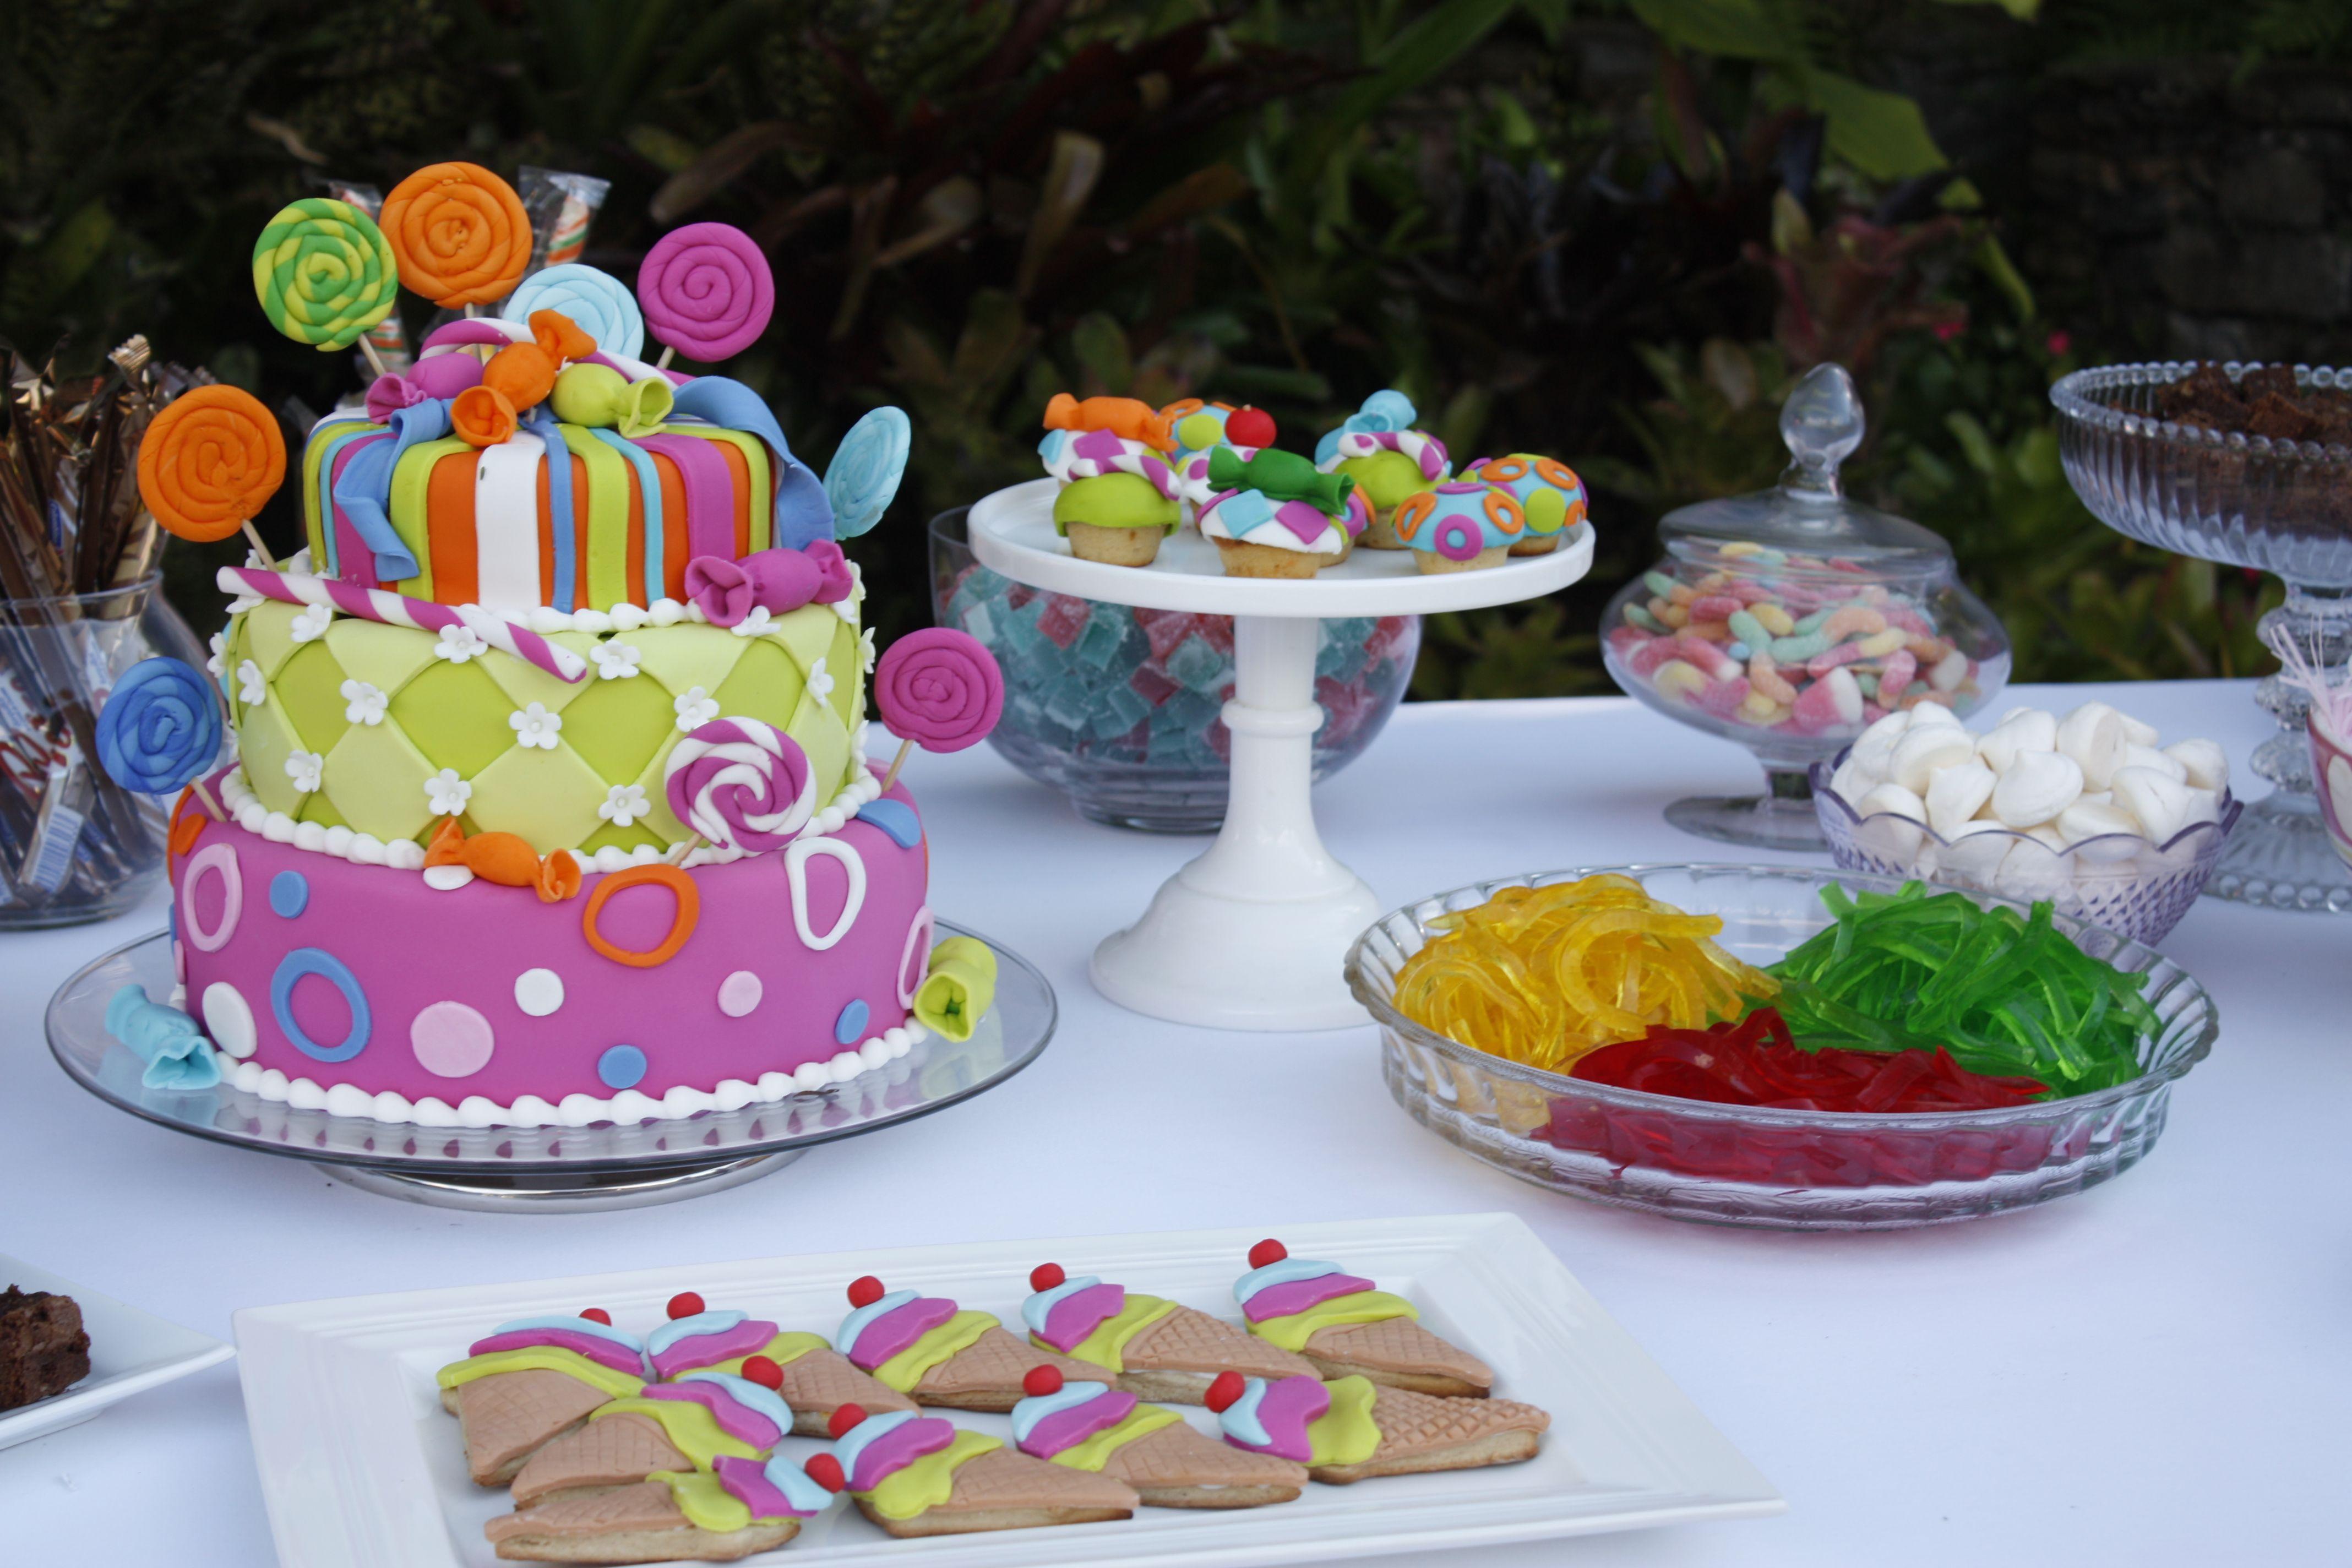 Torta y decoraci n de cumplea os infantil cumplea os - Mesas para cumpleanos infantiles ...